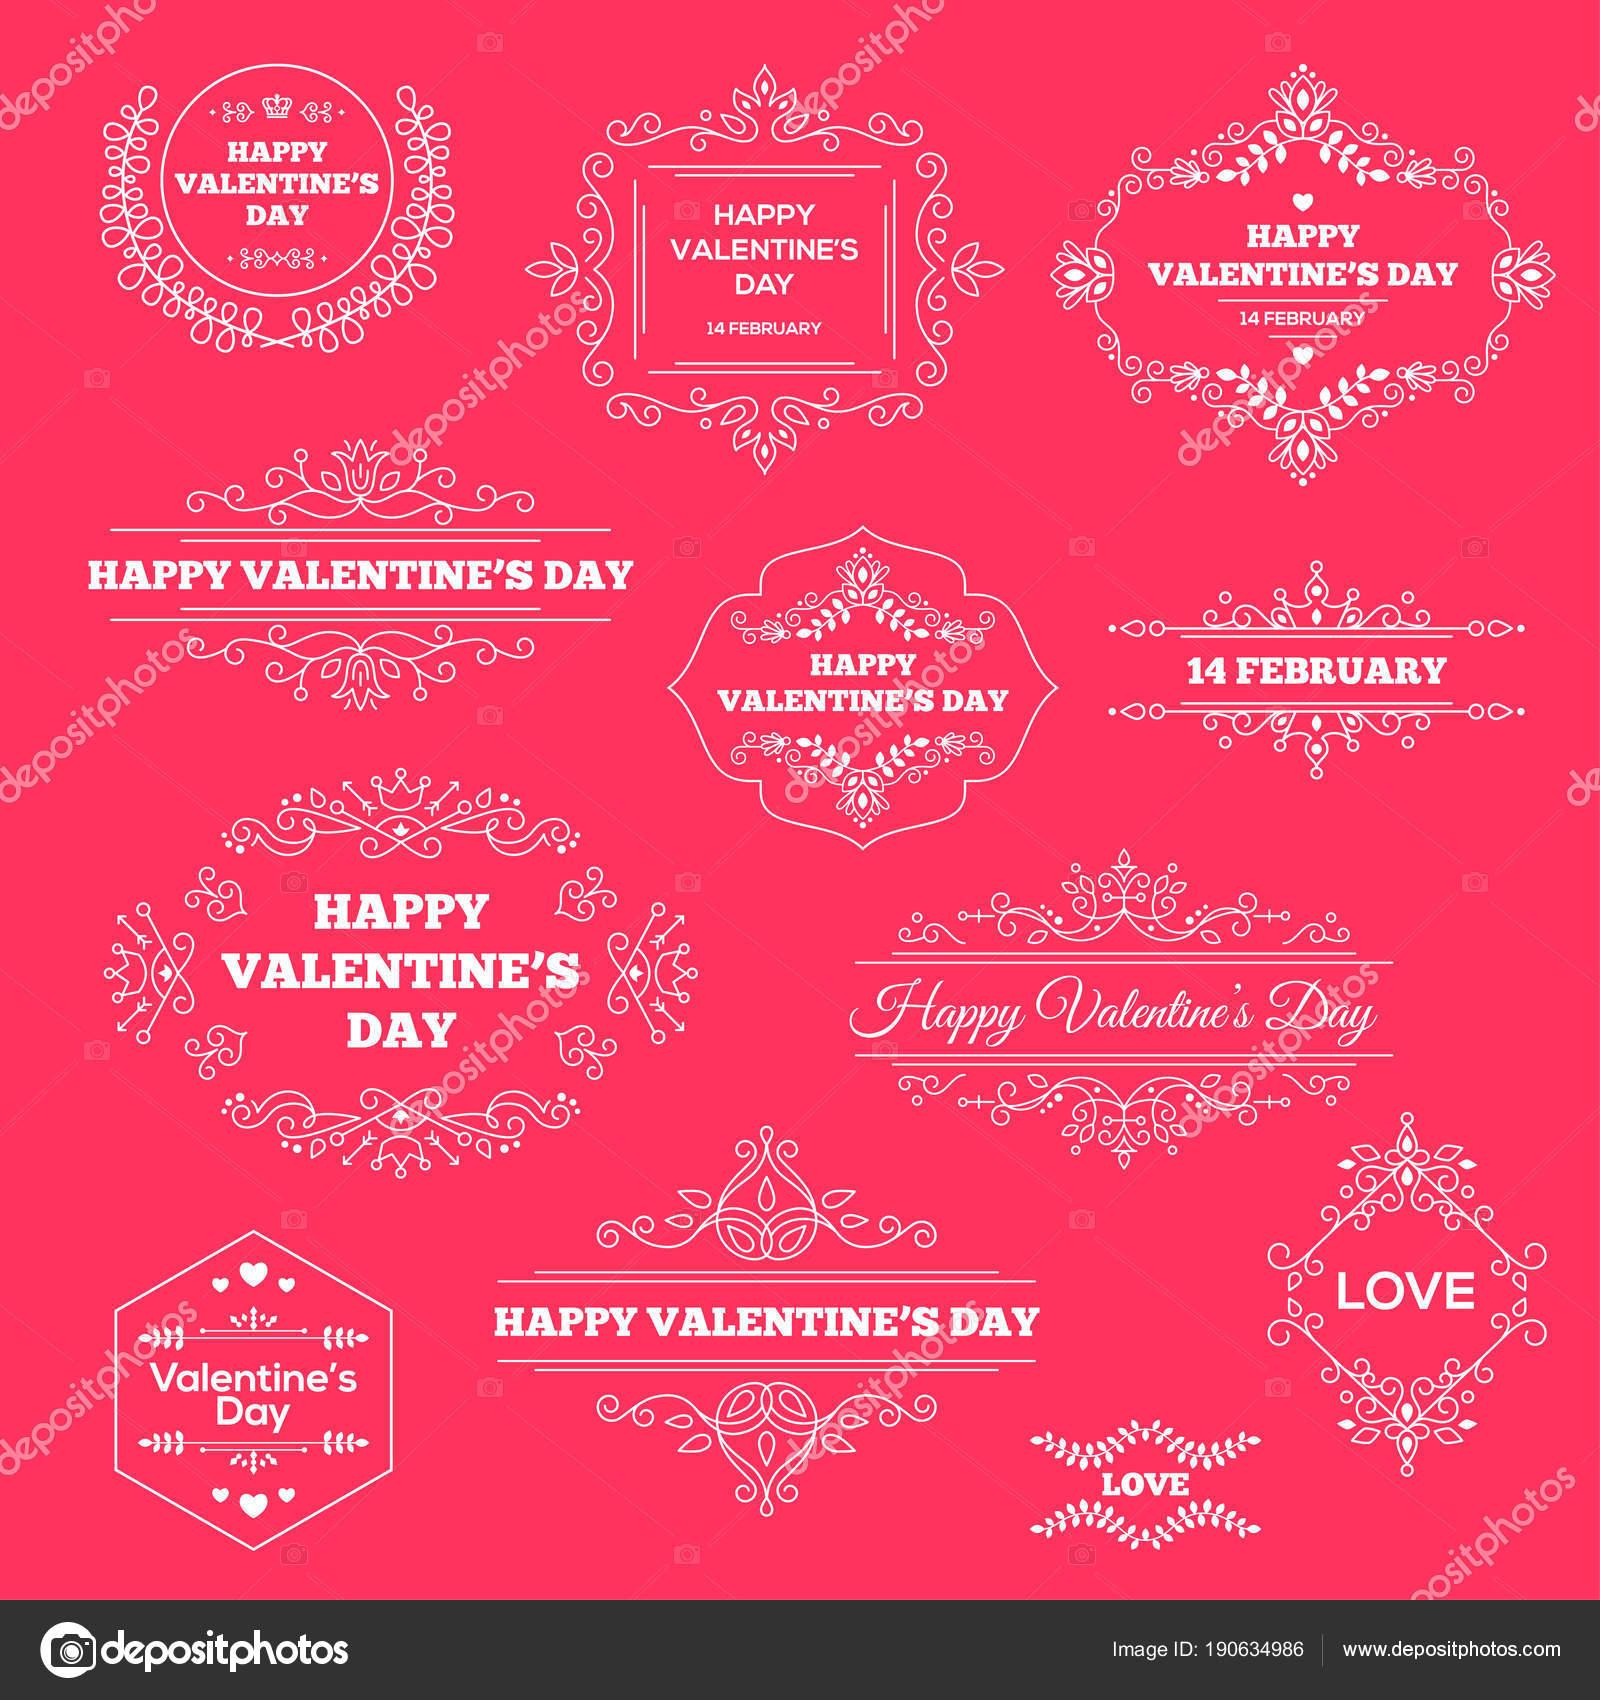 Happy valentines day vintage ornament beschriftungen festlegen vektor illustration retro luxus einladungen grüße mit schnörkel rahmen